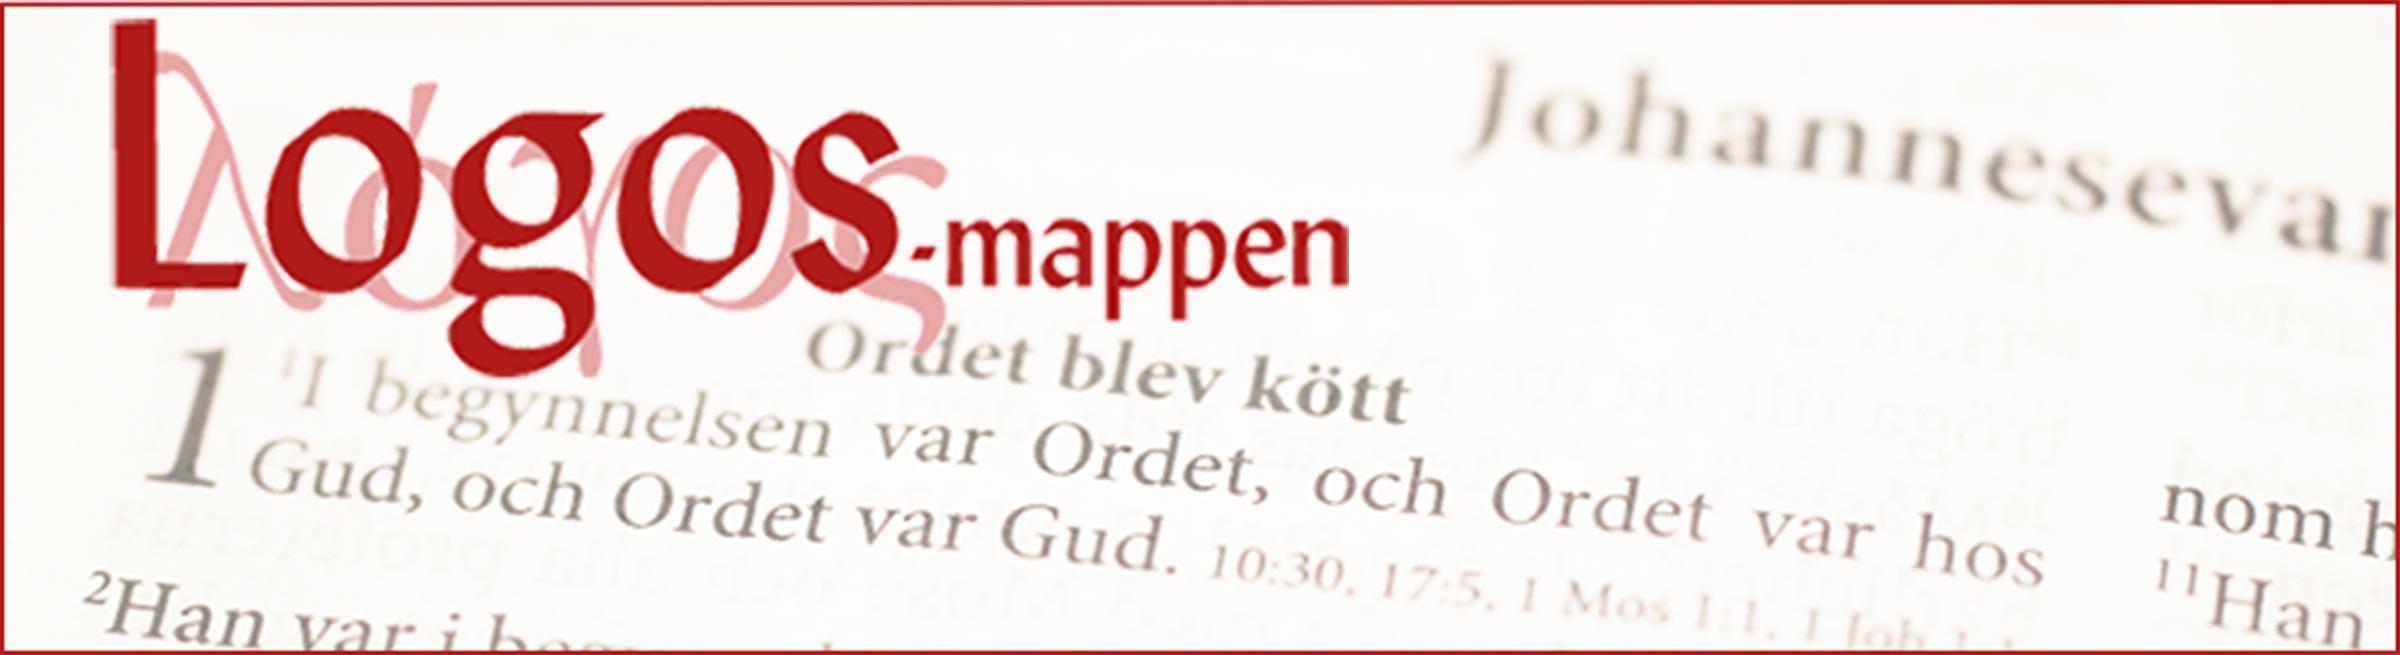 logosmappen_2400